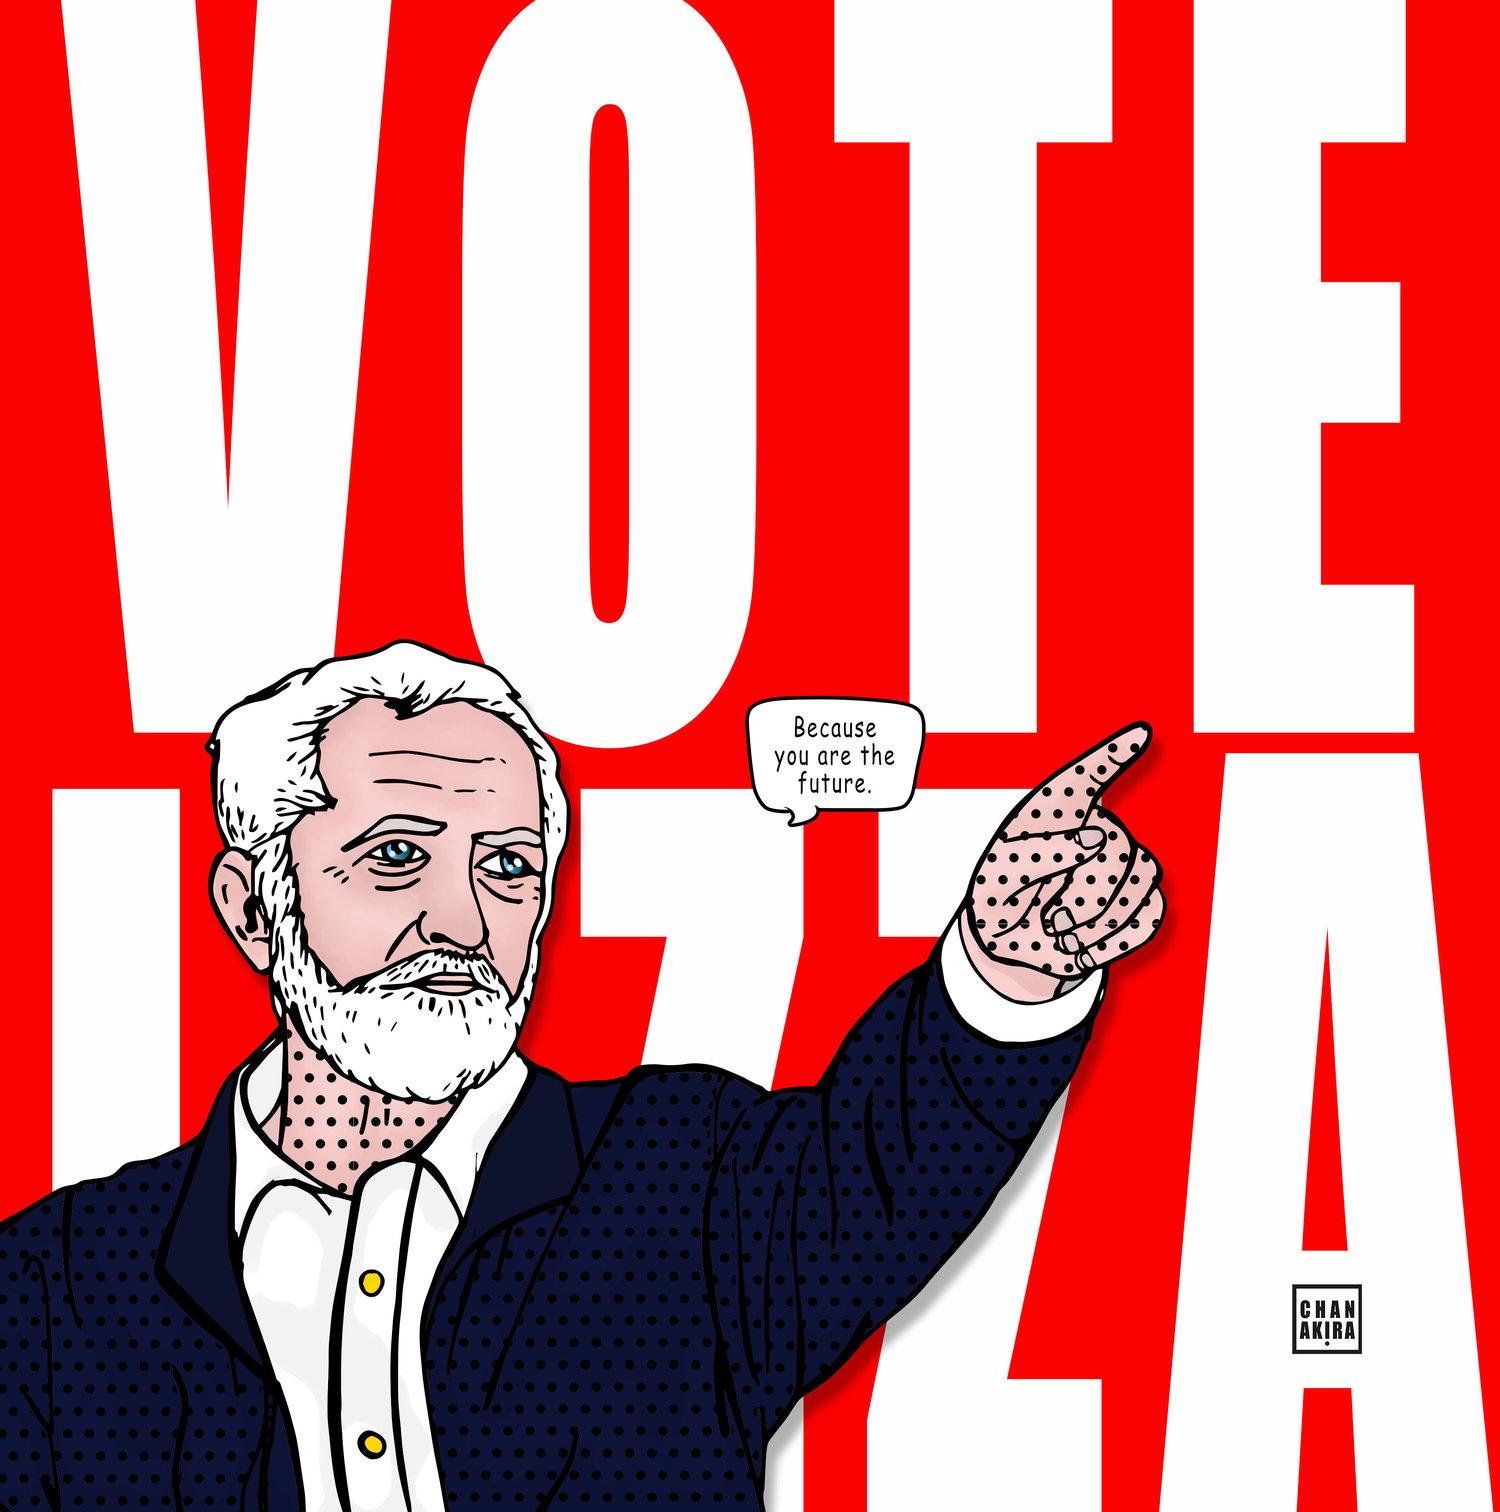 votejezza.jpg